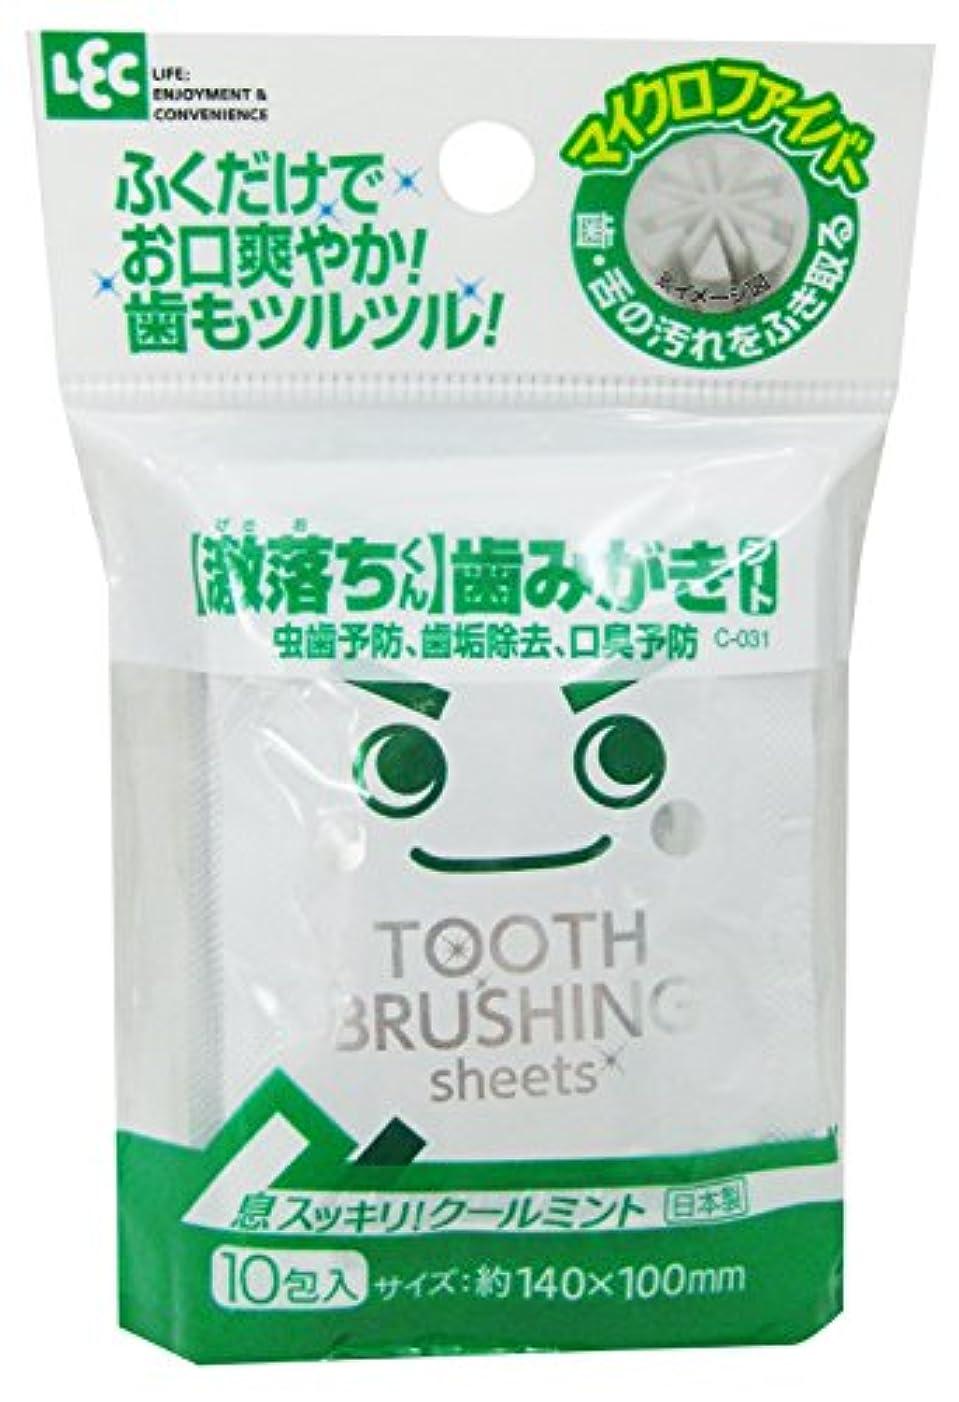 【激落ちくん】歯みがきシート 10包